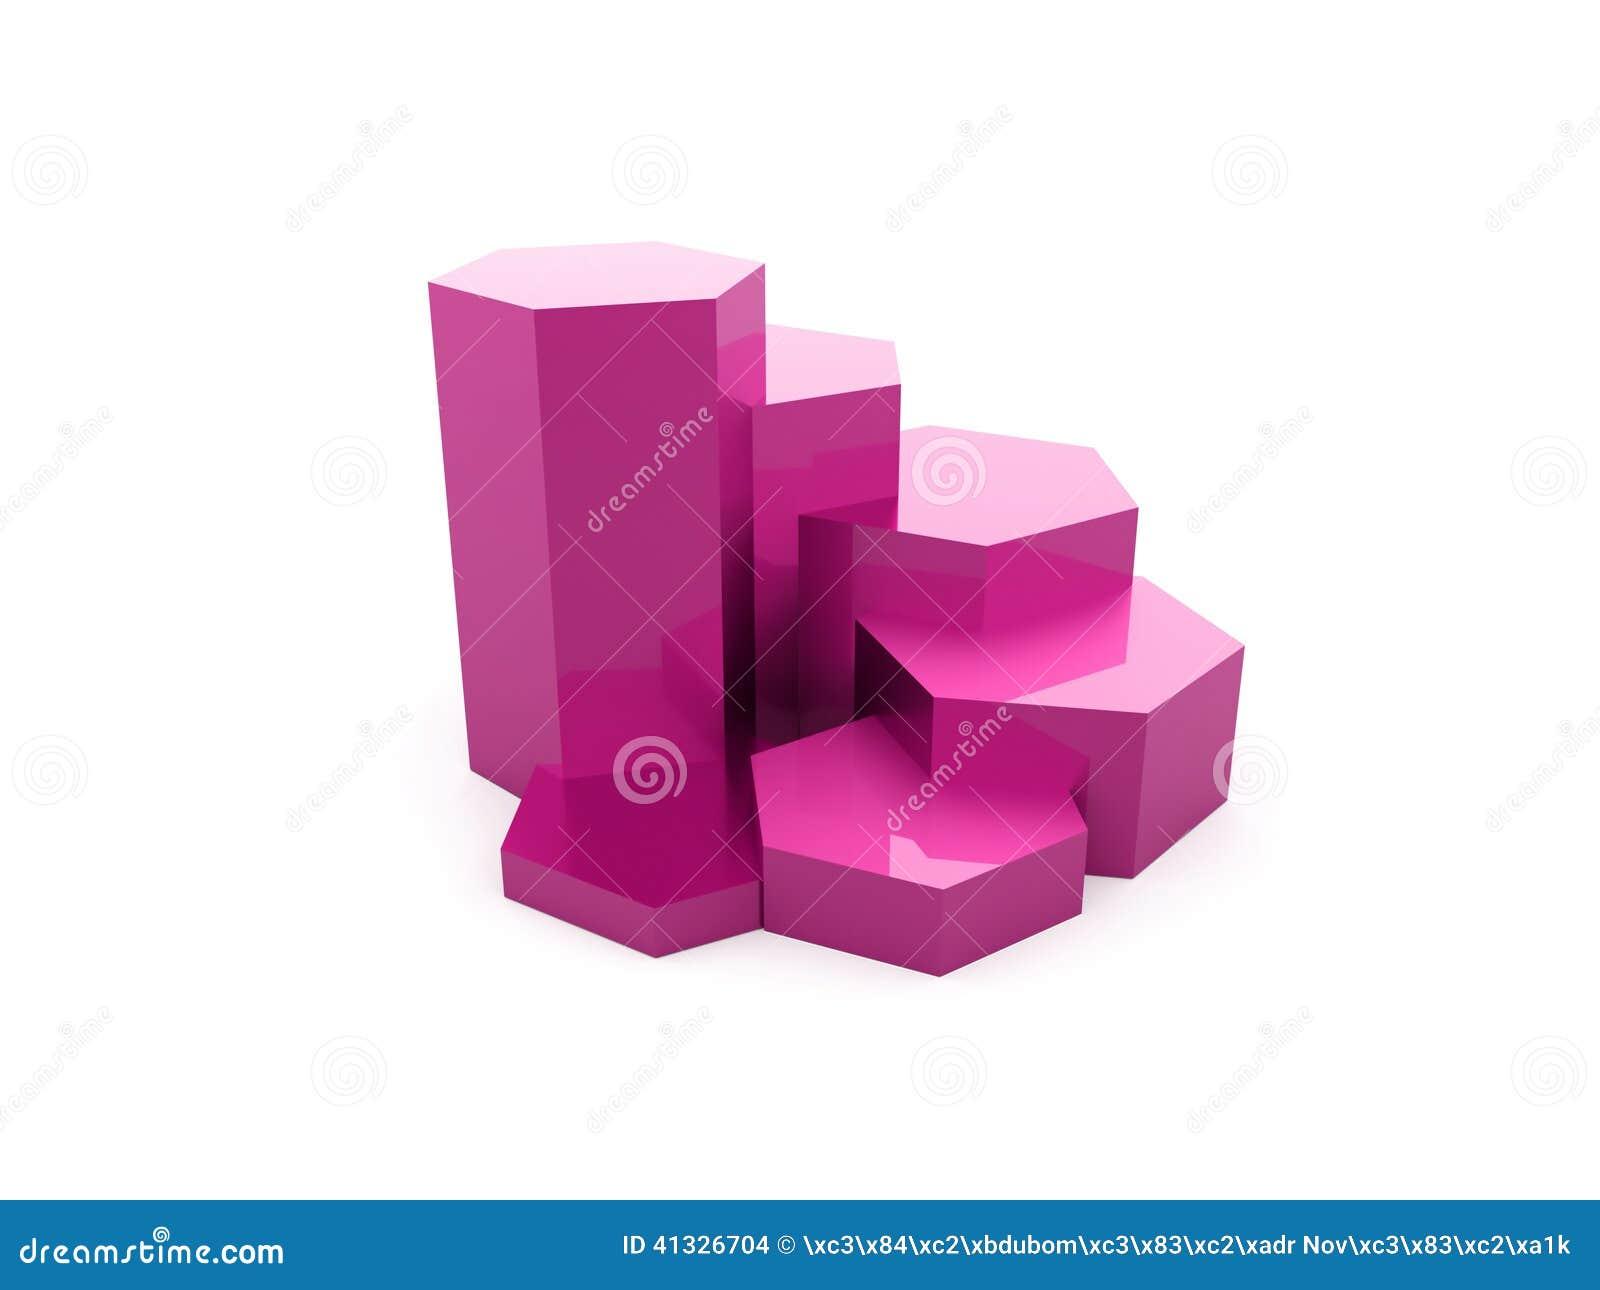 Gráfico sextavado cor-de-rosa rendido isolado